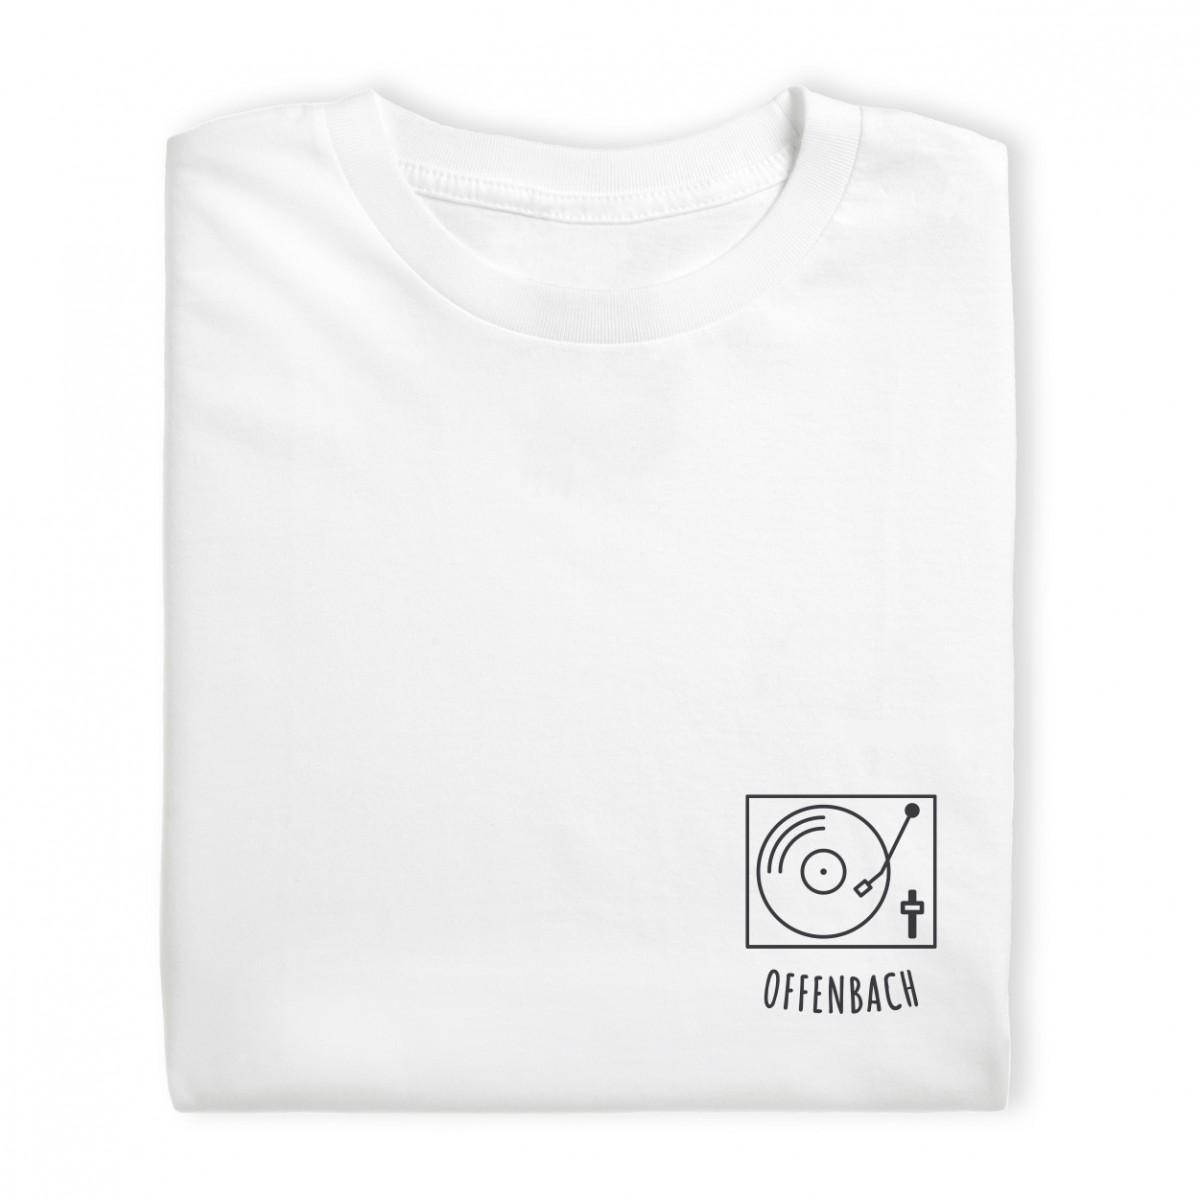 Charles / Shirt Offenbach / 100% Biobaumwolle / Fair Wear zertifiziert